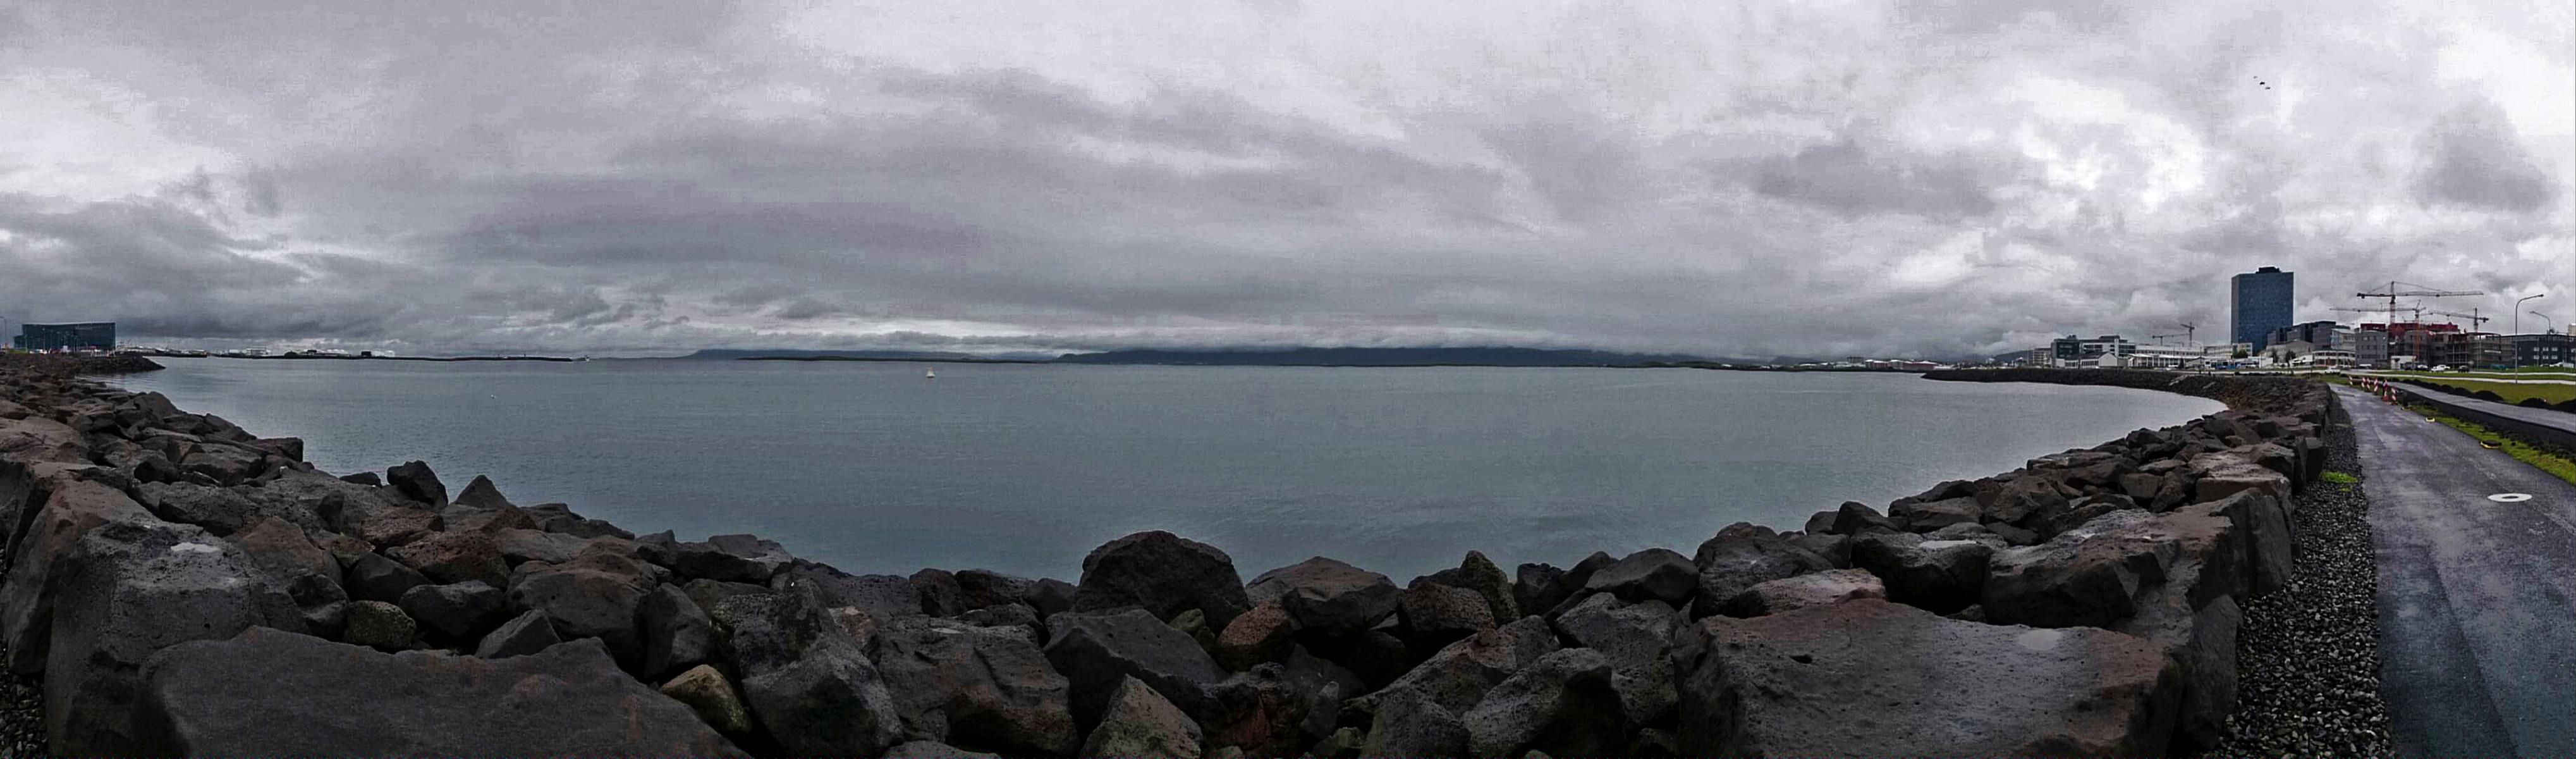 01. Reykjavik